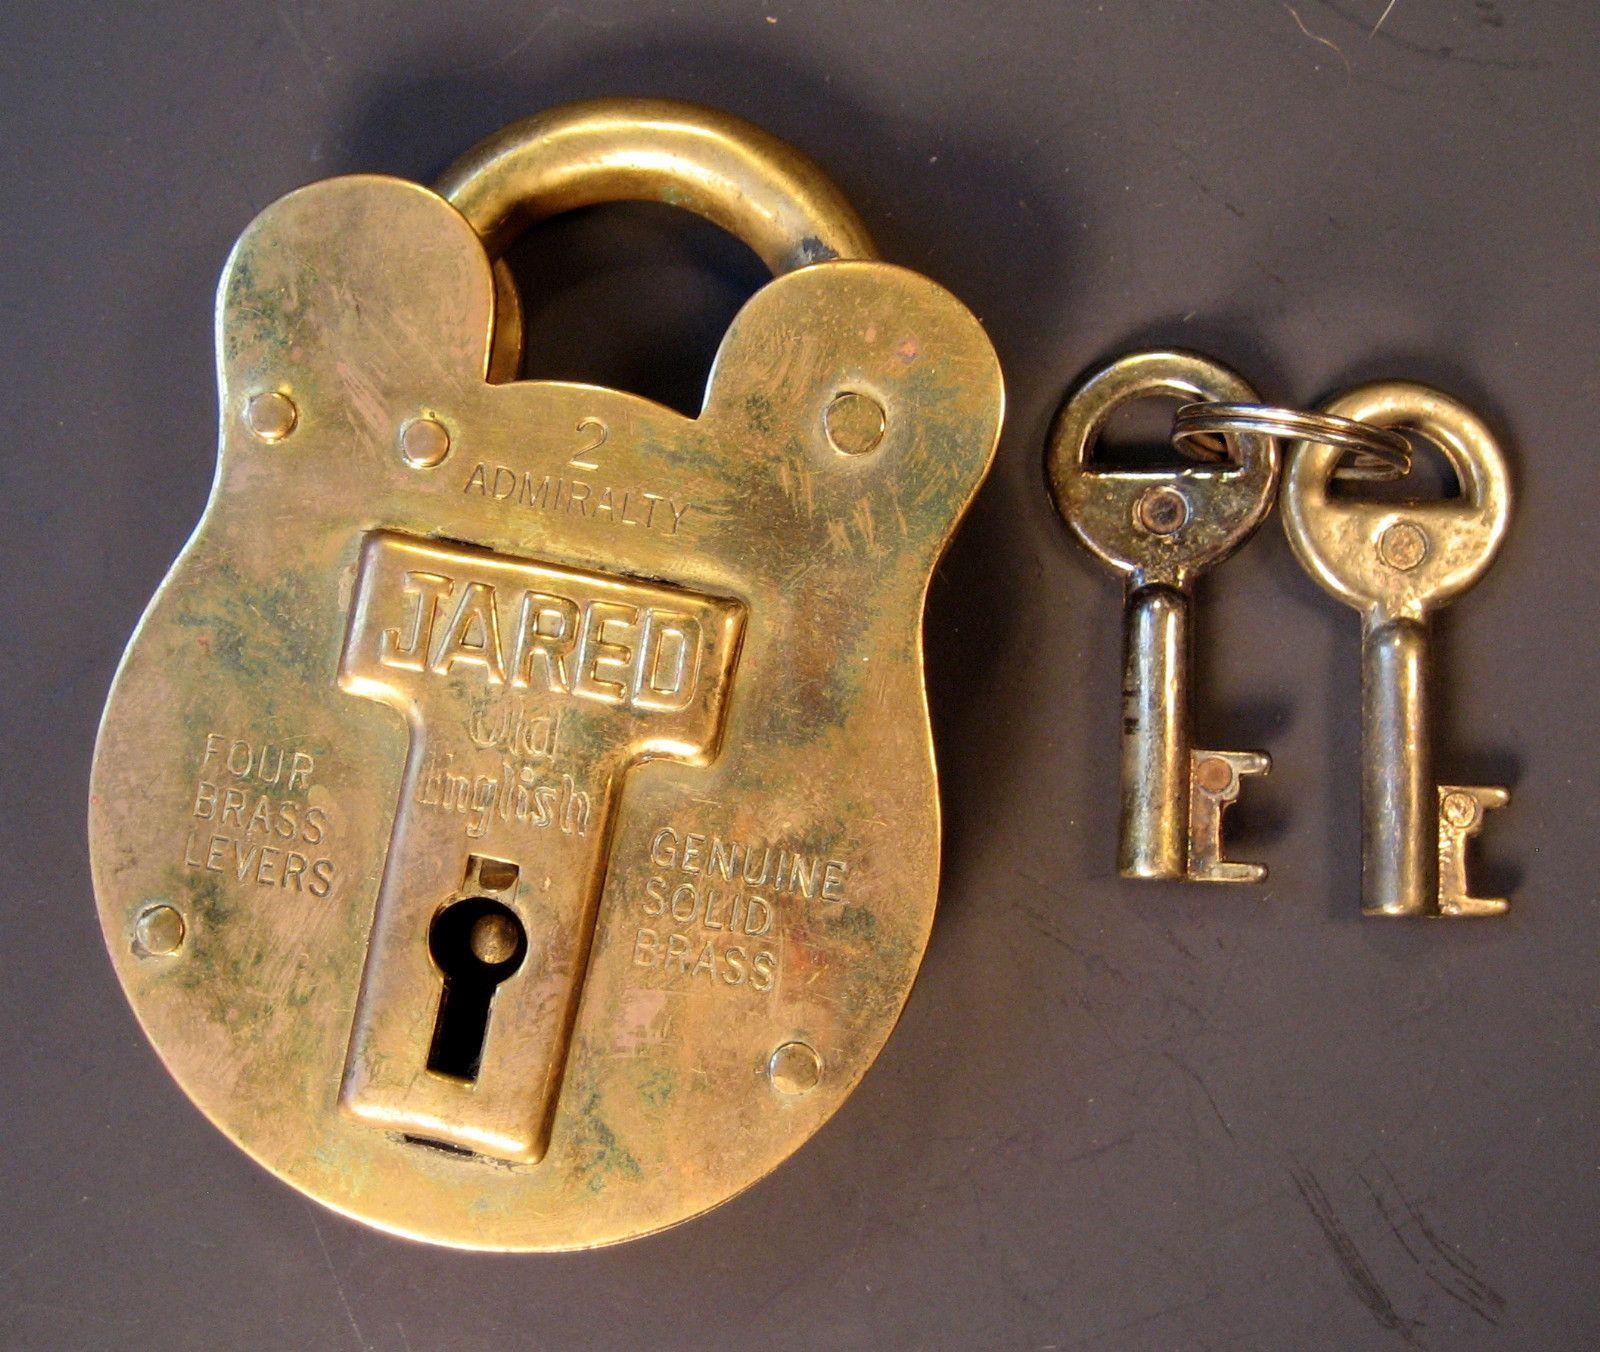 забронировать ключи для замка картинка качественно сделанная